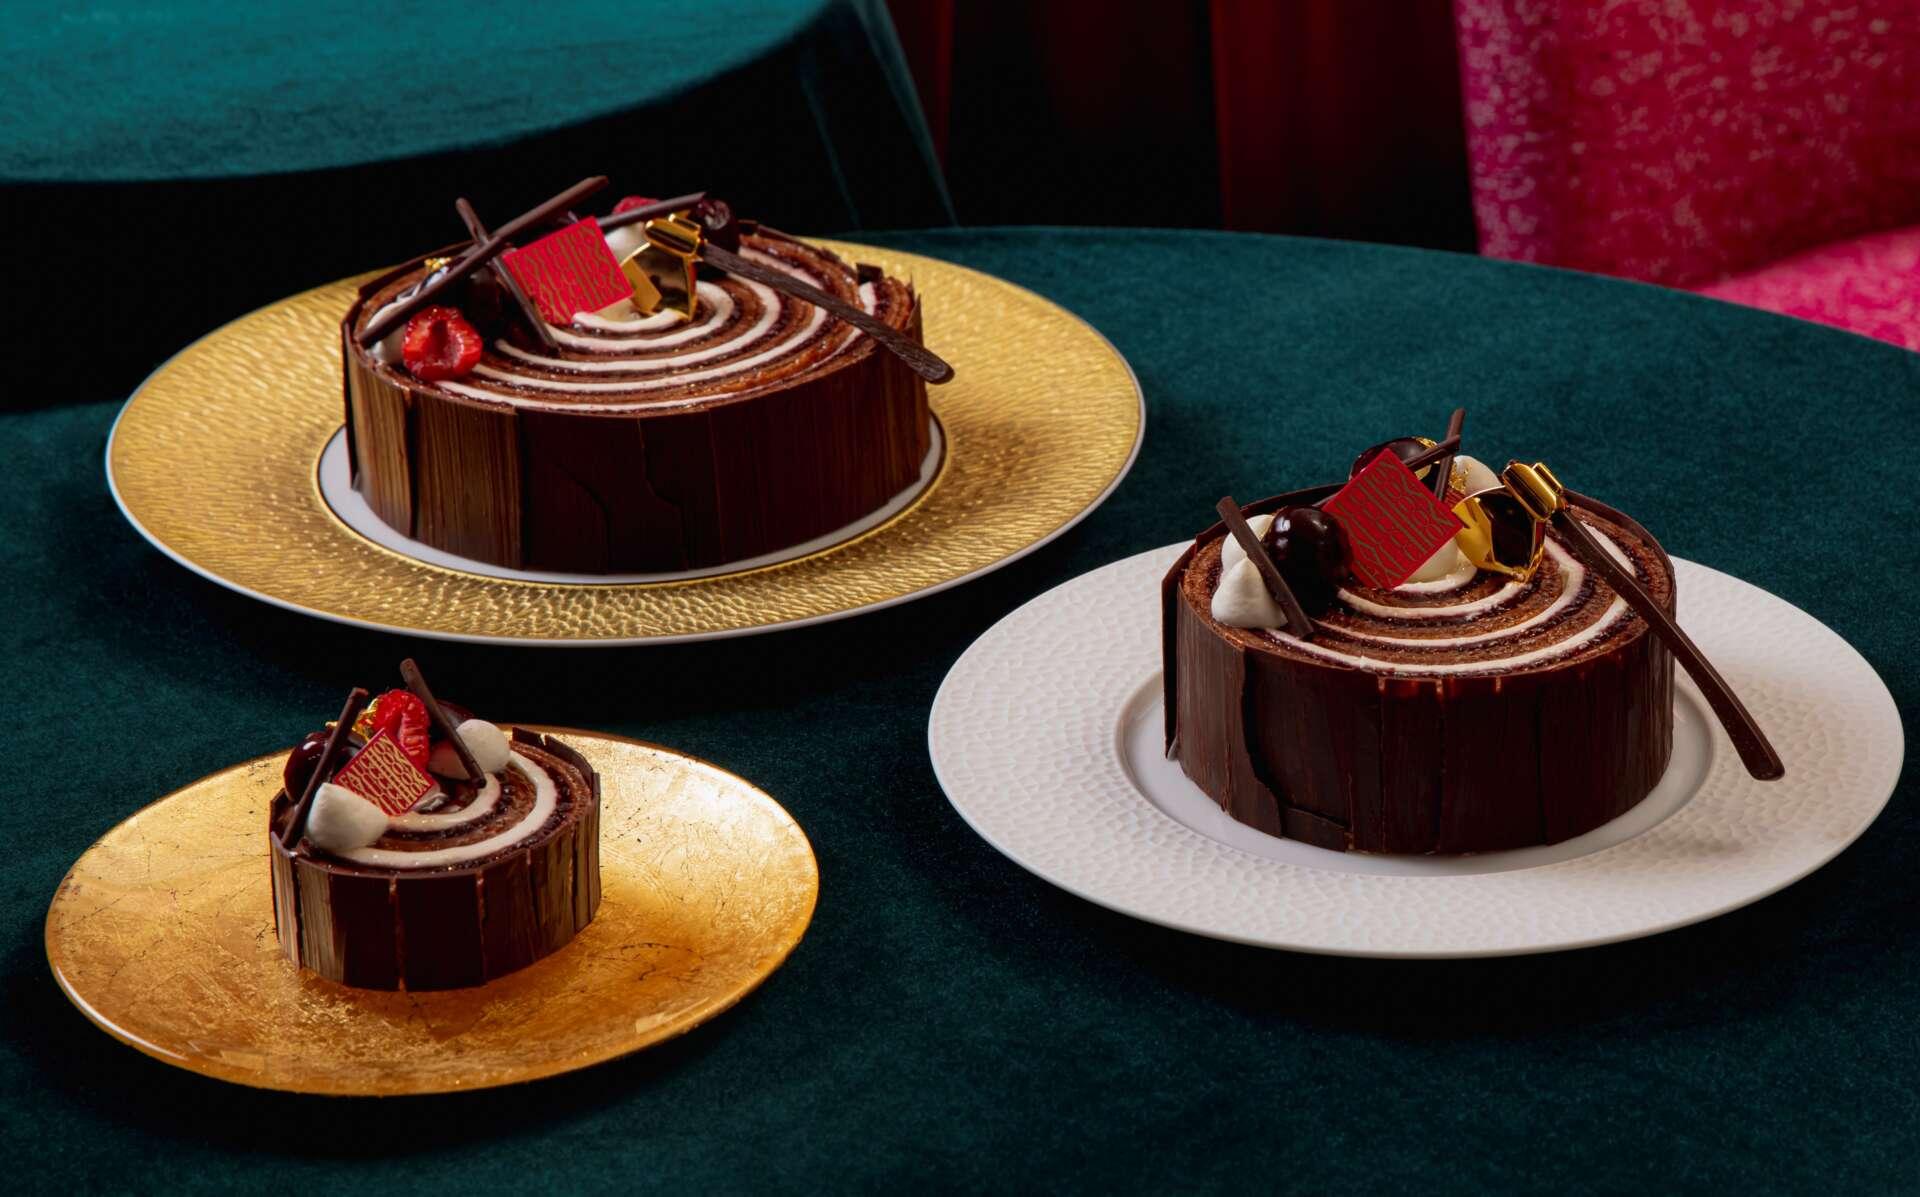 <フォションホテル京都が初めて迎えるクリスマス!> 限定クリスマスケーキ